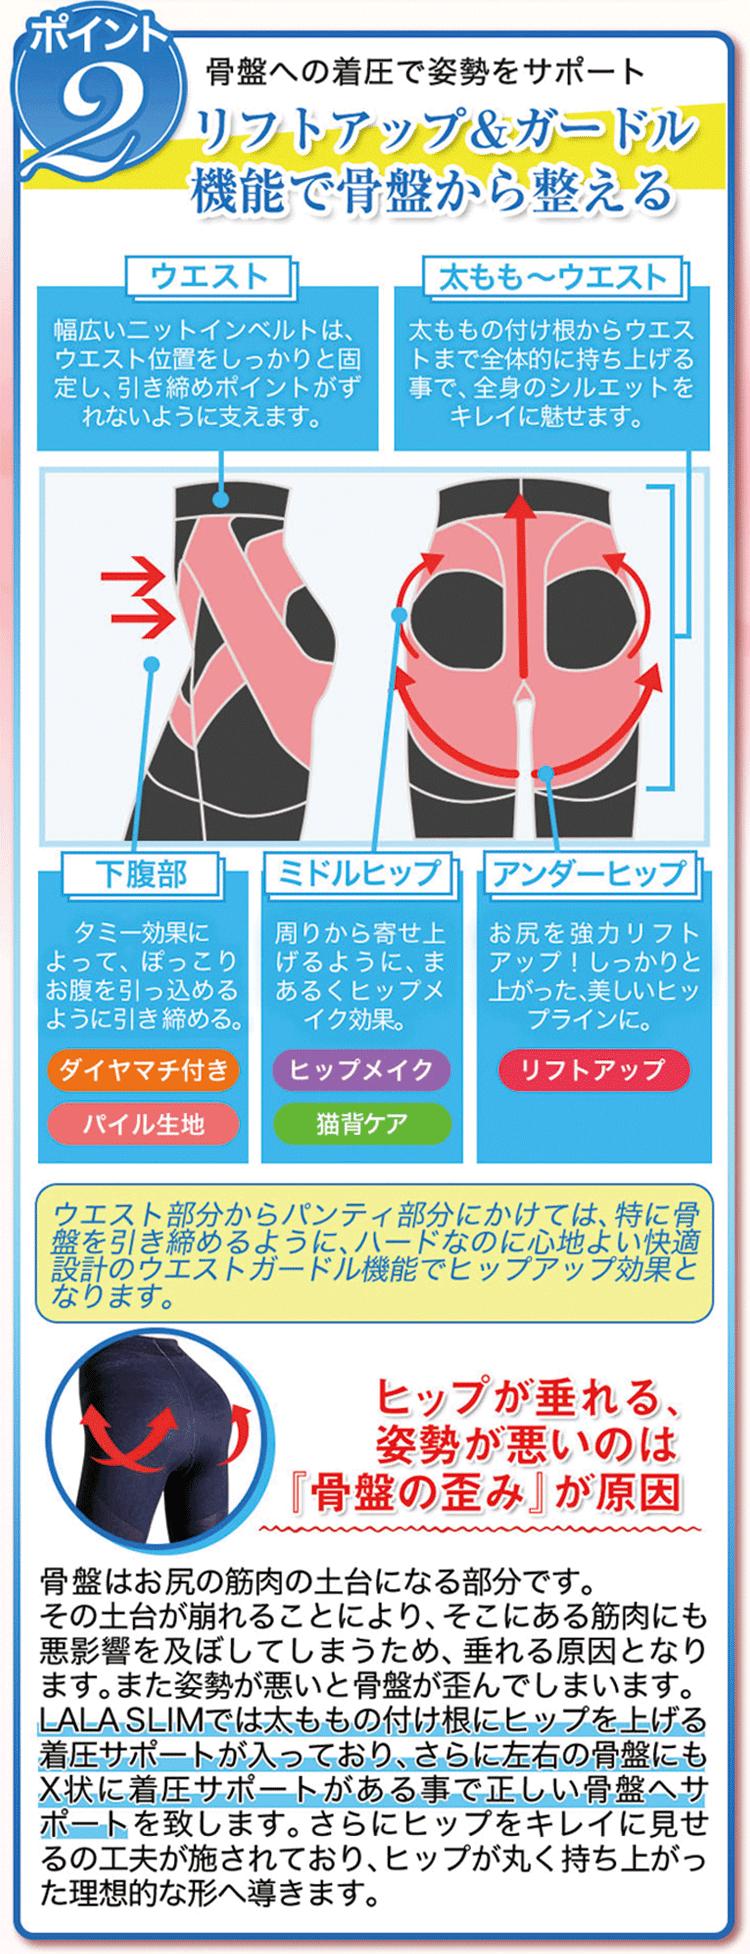 ポイント2:骨盤への着圧で姿勢をサポート リフトアップ&ガードル機能で骨盤から整える ウエスト:幅広いニットインベルトは、ウエスト位置をしっかりと、、引き締めポイントがずれないように支えます。太もも〜ウエスト:太ももの付け根からウエストまで全体的に持ち上げることで、全身のシルエットをキレイに魅せます。 下腹部:タミー効果によって、ぽっこりお腹を引っ込めるように引き締める。[ダイヤマチ付き][パイル生地] ミドルヒップ:周りから寄せ上げるように、まあるくヒップメイク効果。[ヒップメイク][猫背ケア]アンダーヒップ:お尻を強力リフトアップ!しっかりとあがった、美しいヒップラインに。[リフトアップ] ウエスを部分からパンティ部分にかけては、特に骨盤を引き締めるように、ハードなのに心地よい快適設計のウエストガードル昨日でヒップアップ効果となります。「ヒップが垂れる、姿勢が悪いのは骨盤の歪みが原因」骨盤はお尻の筋肉の土台になる部分です。その土台が崩れることにより、そこにある筋肉にも悪影響を及ぼしてしまうため、垂れる原因となります。また姿勢が悪いと骨盤が歪んでしまいます。LALA SLIMでは太ももの付け根にヒップをあげる着圧サポートが入っており、さらに左右の骨盤にもX状に着圧サポートがあることで正しい骨盤へサポートをいたします。さらにヒップをキレイに魅せる工夫が施されており、ヒップが丸く持ち上がった理想的な形へ導きます